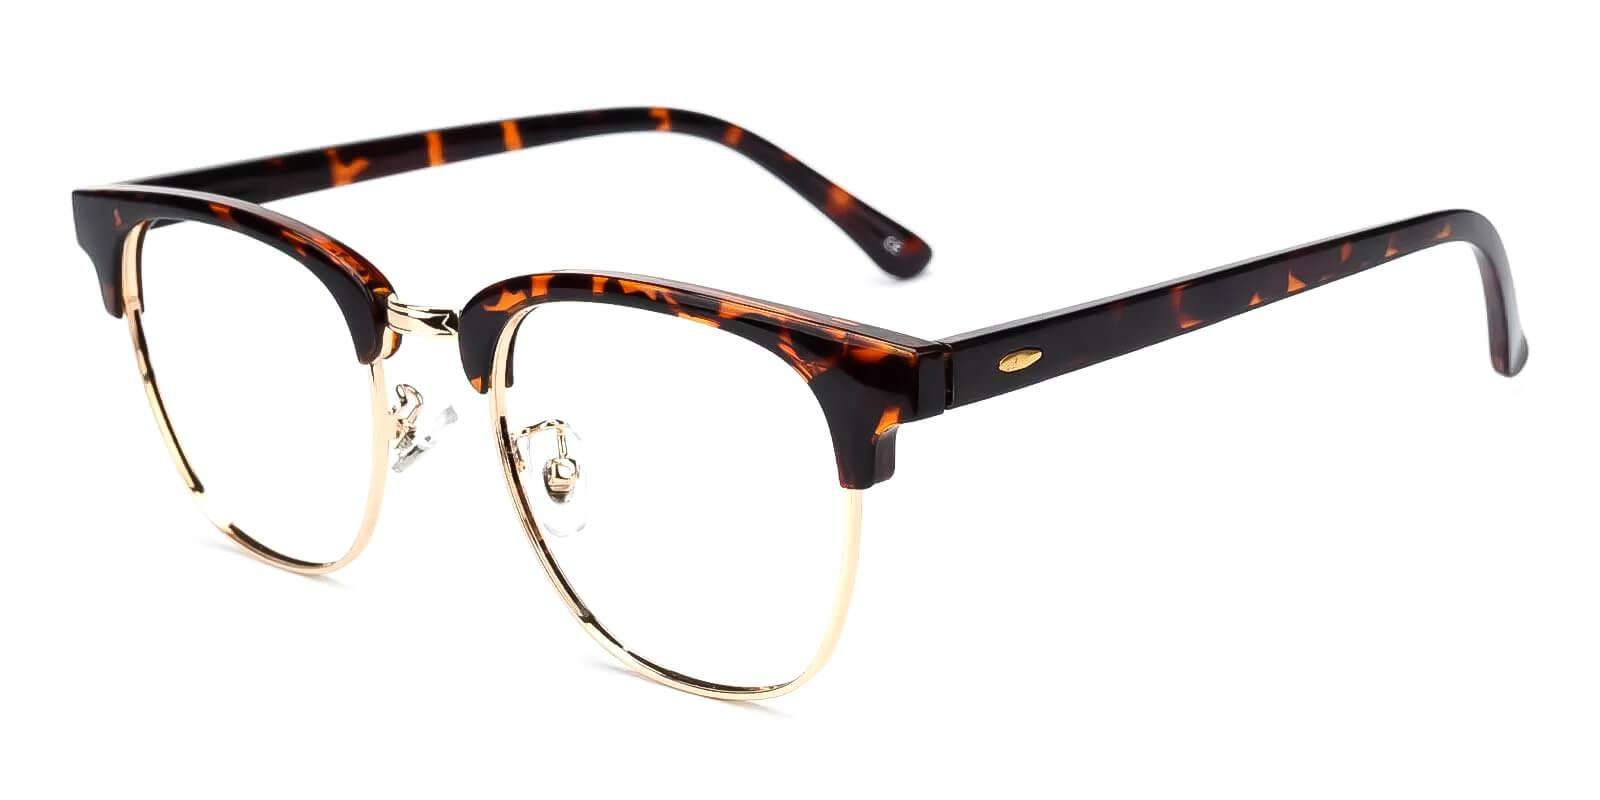 Grande Tortoise TR Eyeglasses , Fashion , NosePads Frames from ABBE Glasses